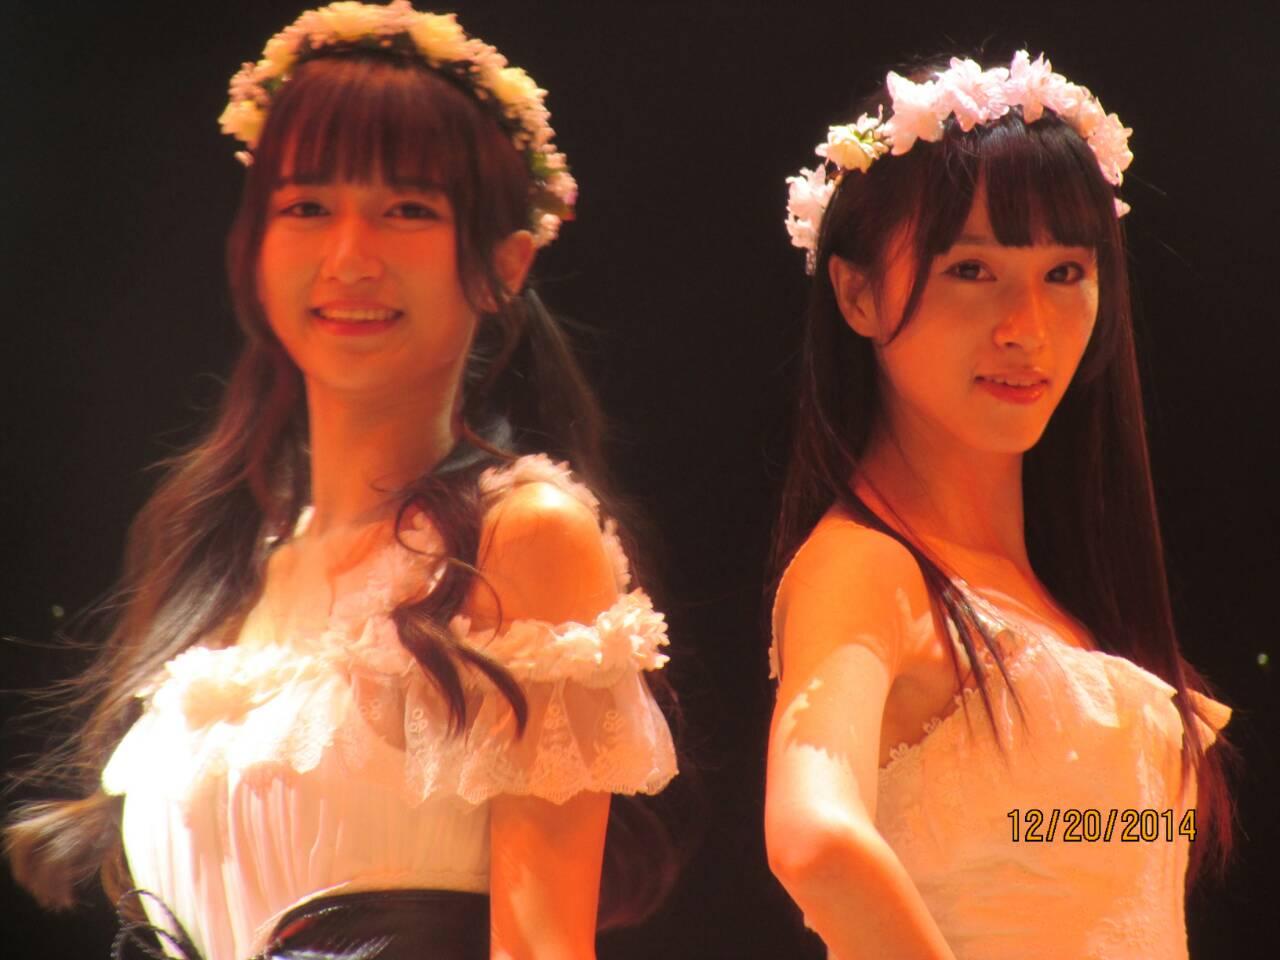 【SNH48】12月20日チームS2北京コンサートの写真を提供していただきました!